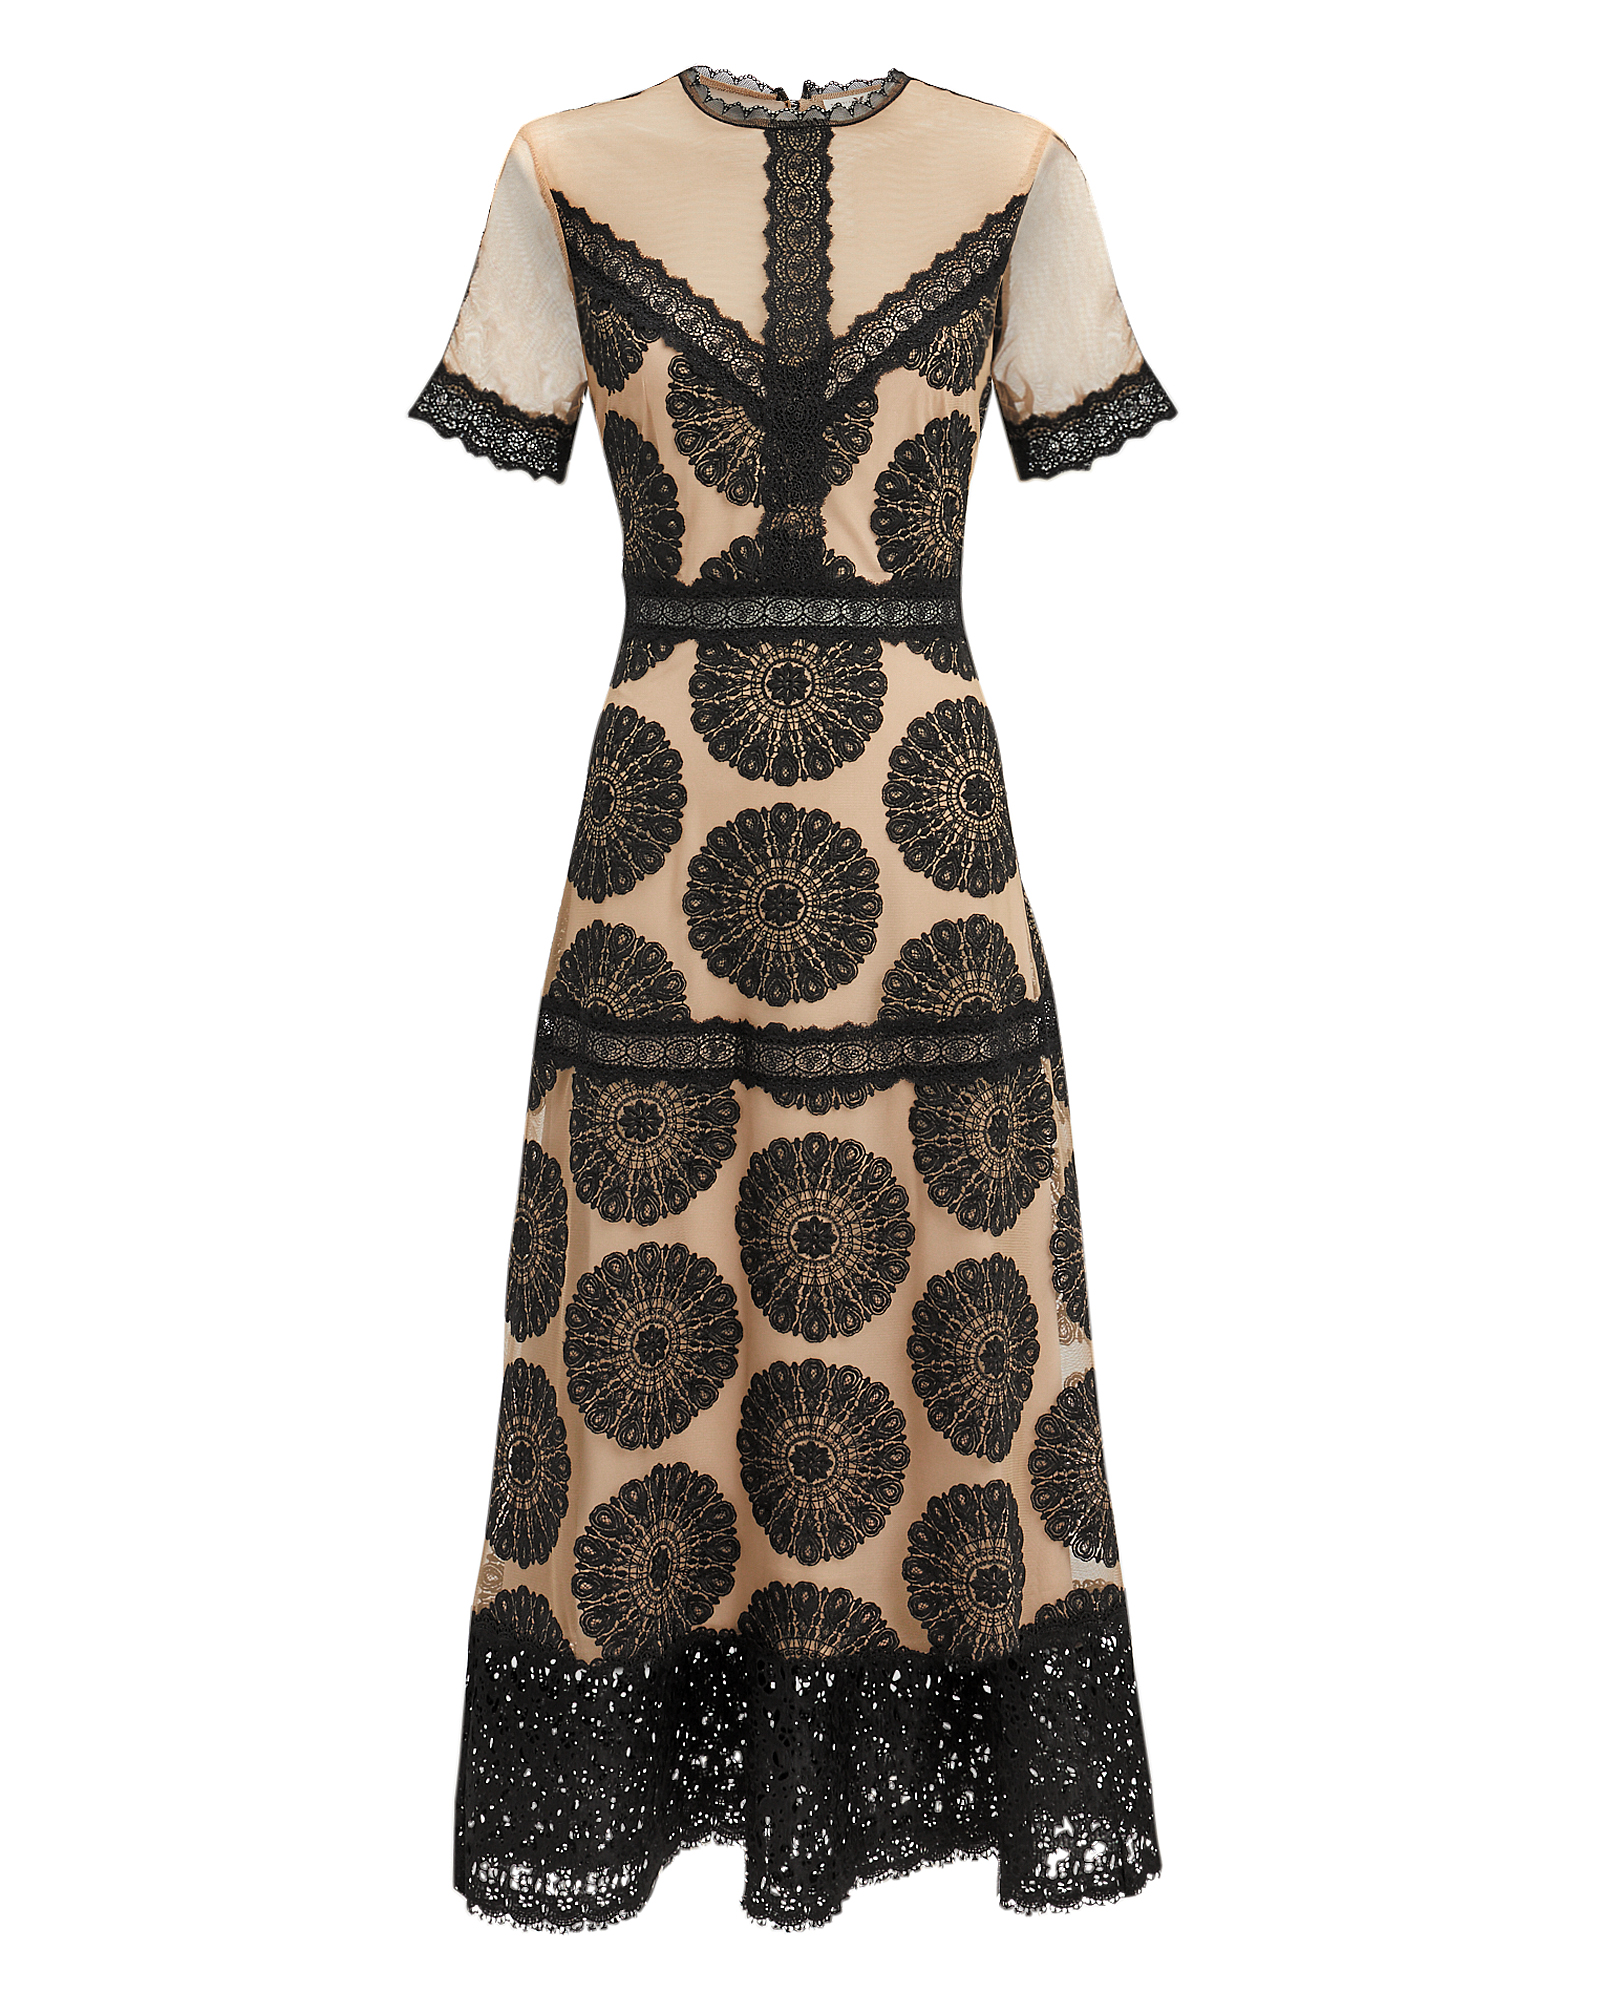 NIGHTCAP CLOTHING Pinwheel Embroidered Lace-Trim Dress in Black